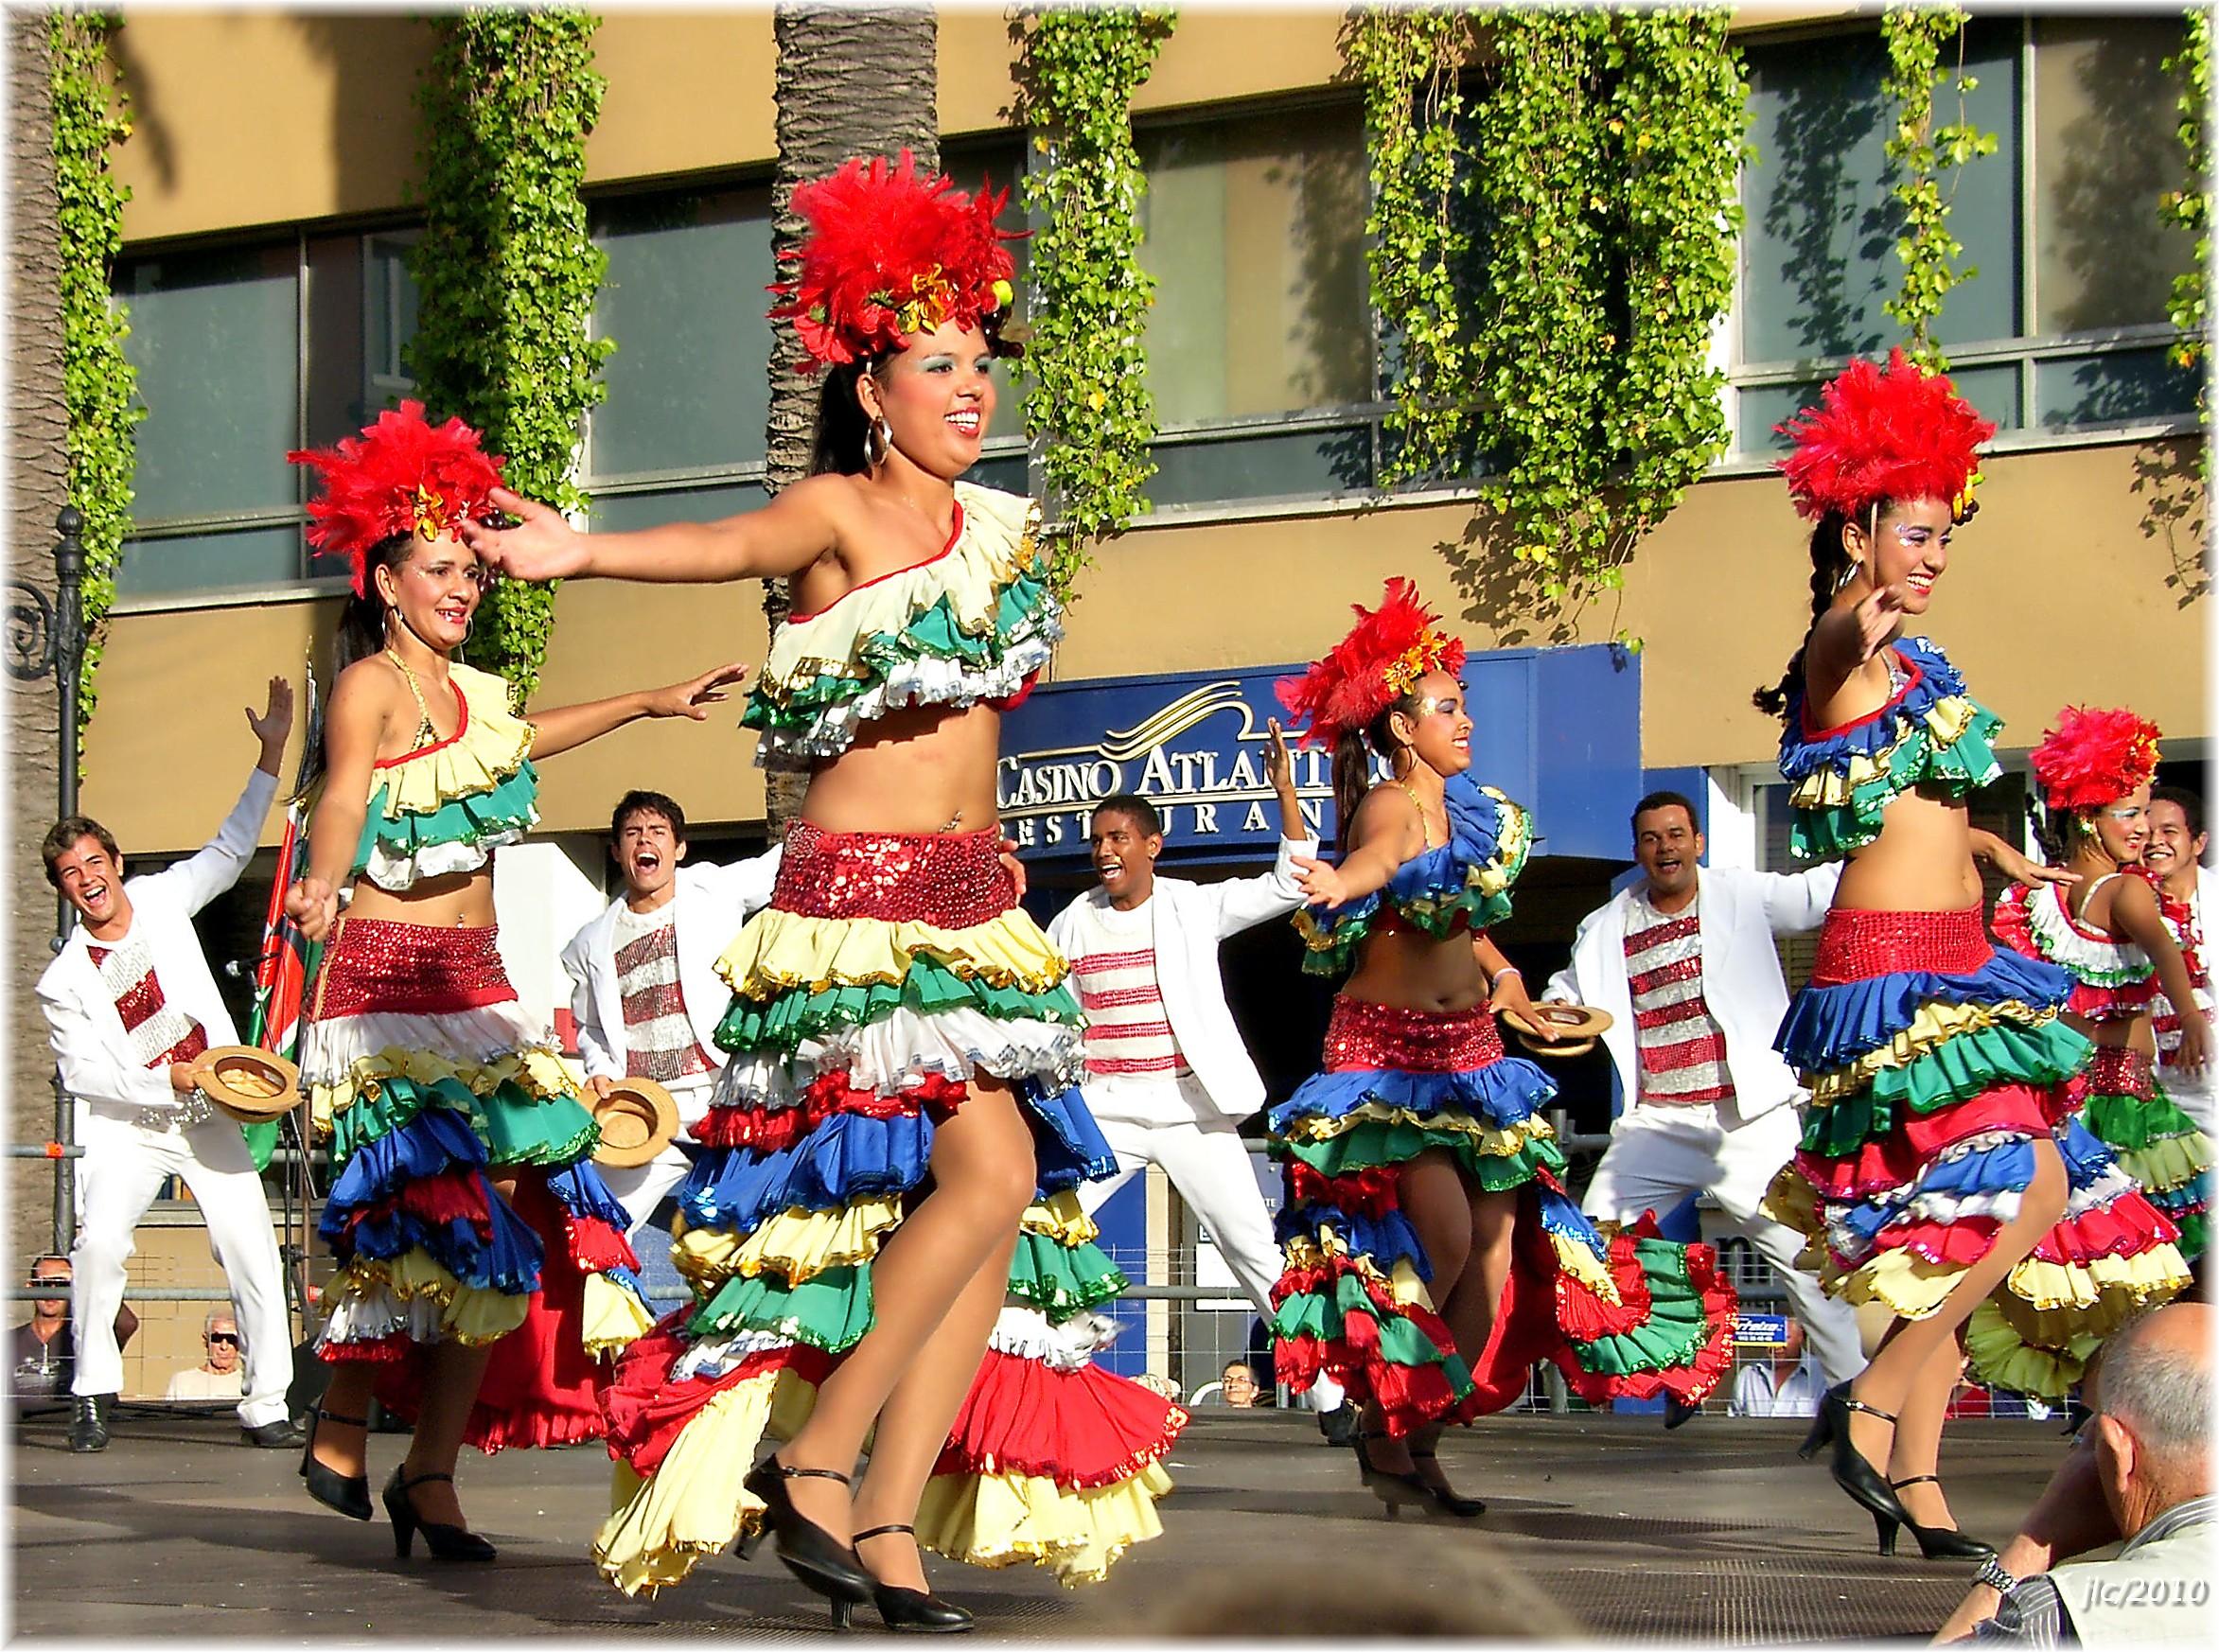 mulheres dançando festa tradicional